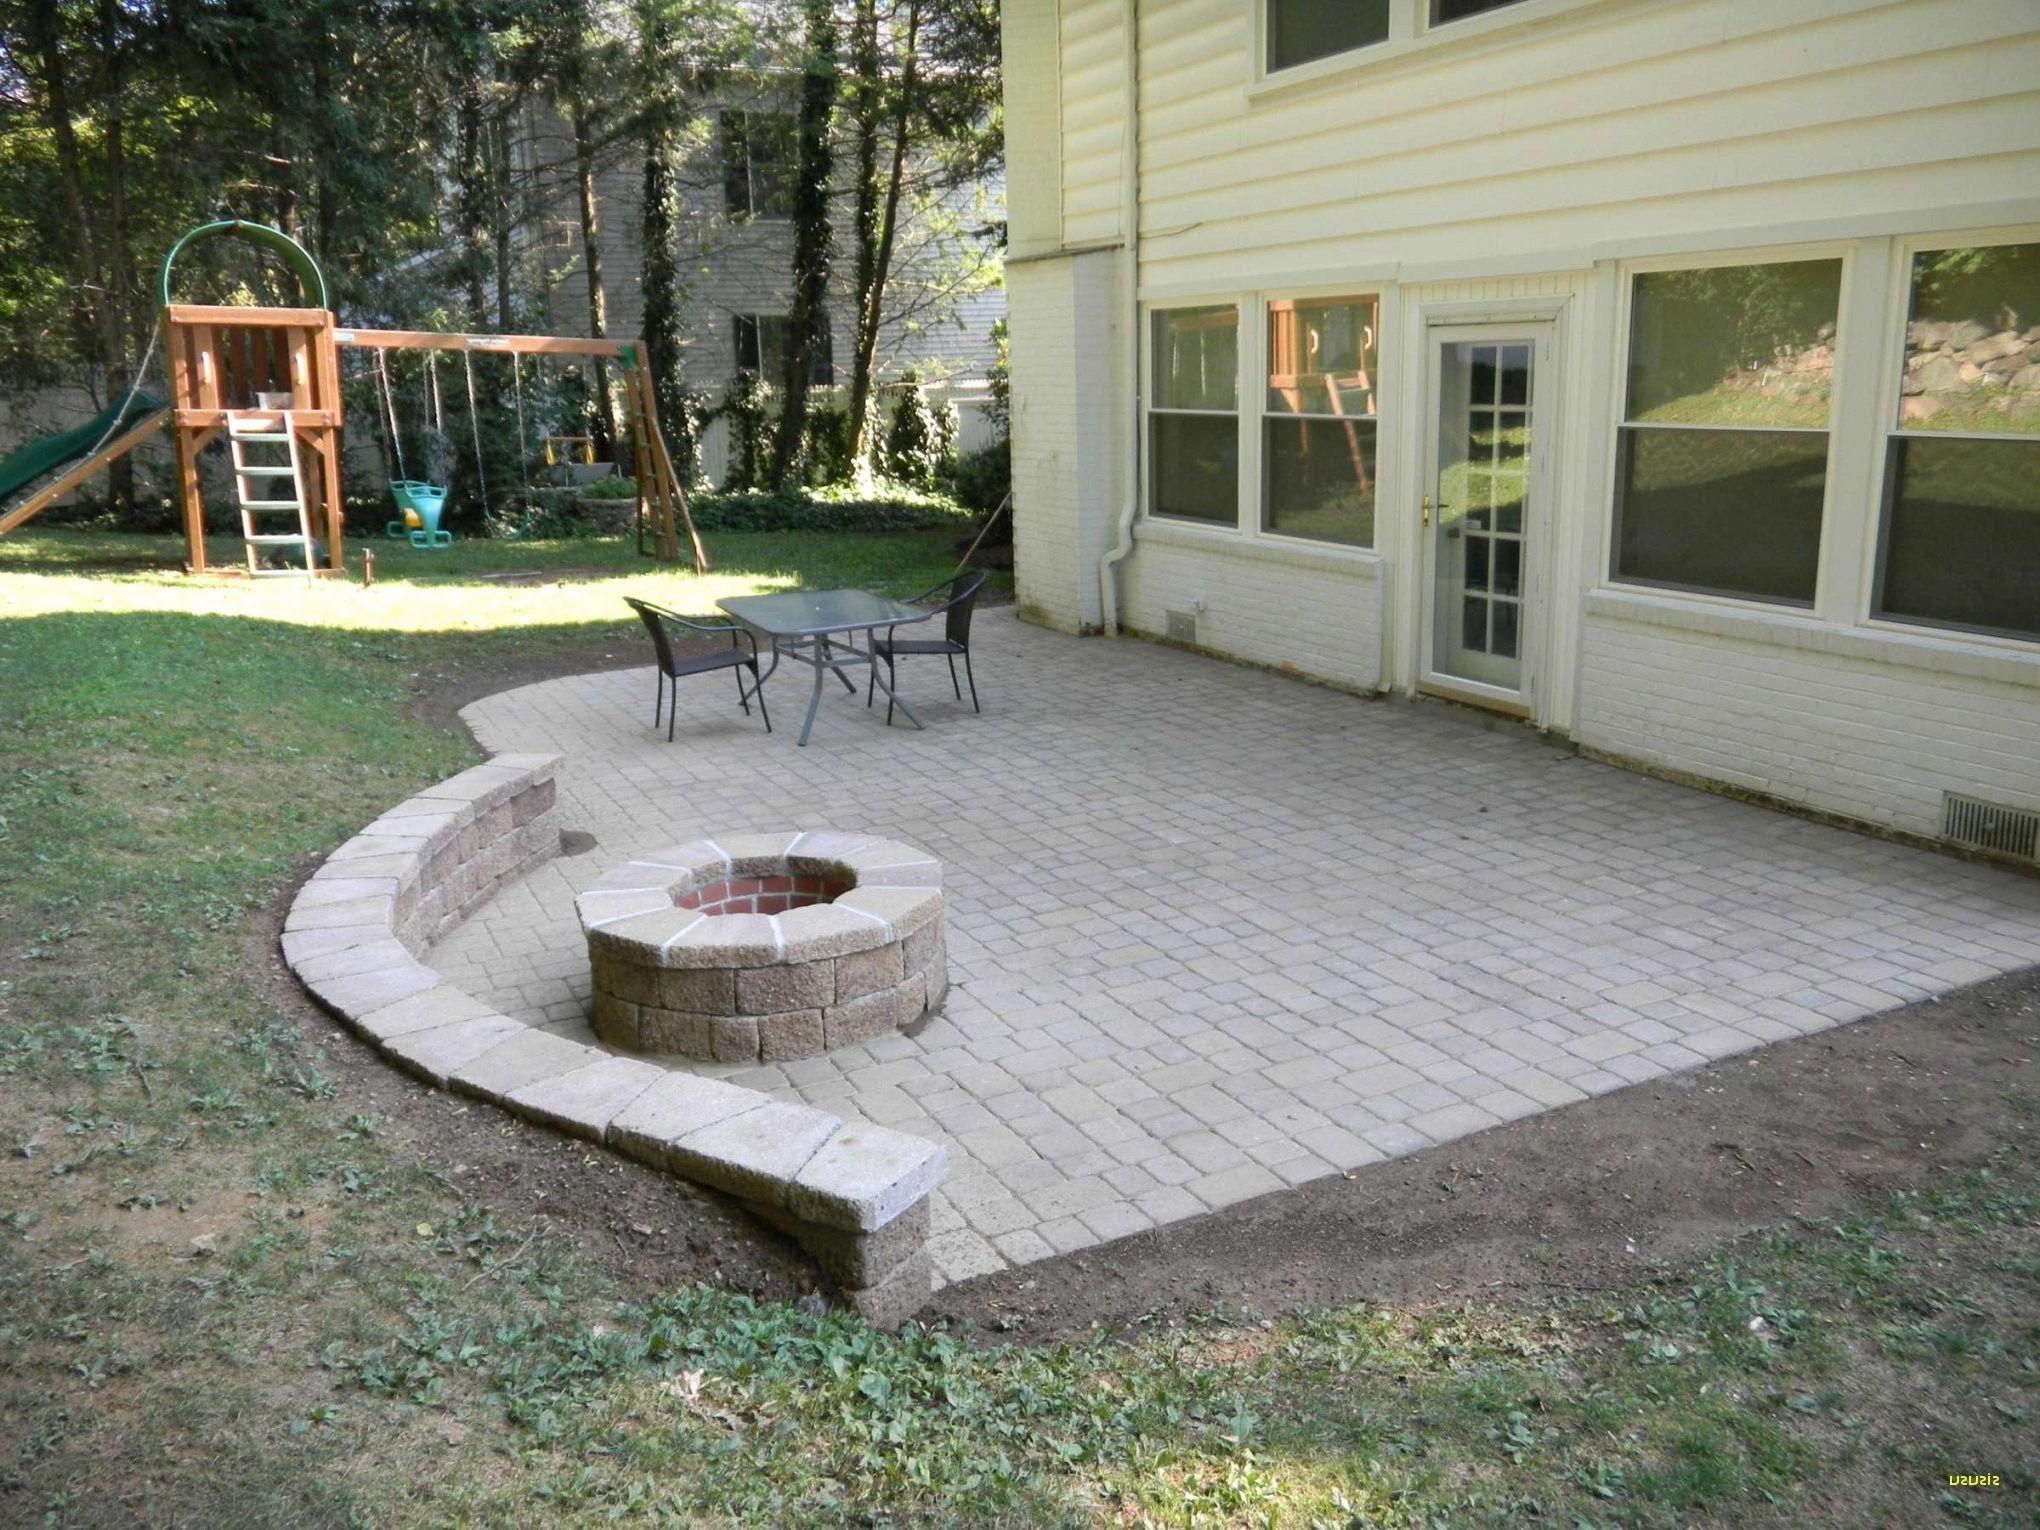 Attractive Cheap No Grass Backyard Ideas No Grass Backyard ... on Cheap No Grass Backyard Ideas  id=95093